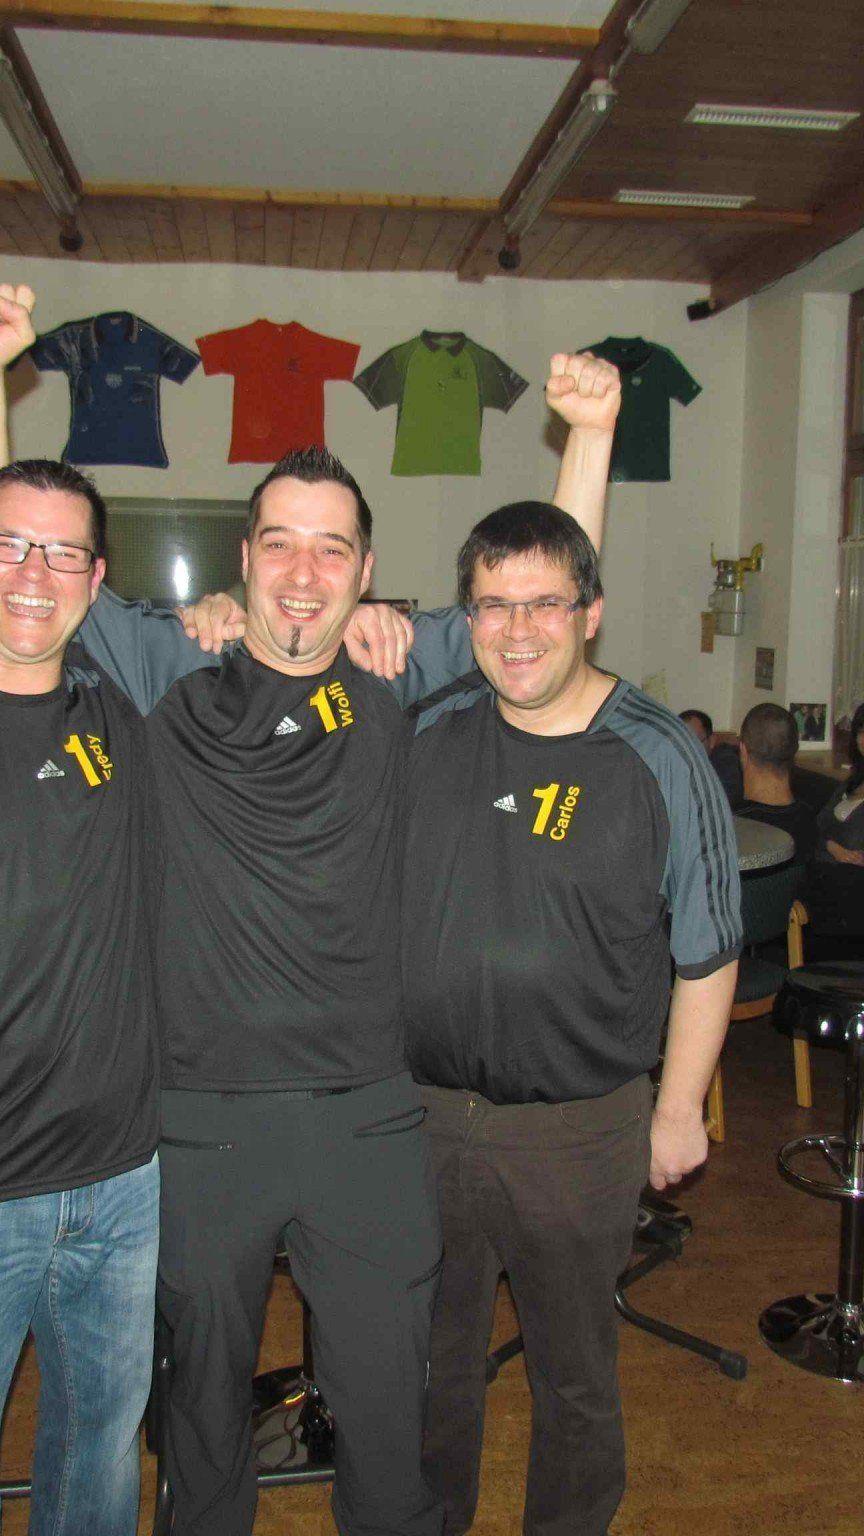 Der UTTC Altach wurde zum ersten Mal Meister in der Tischtennis Landesliga.